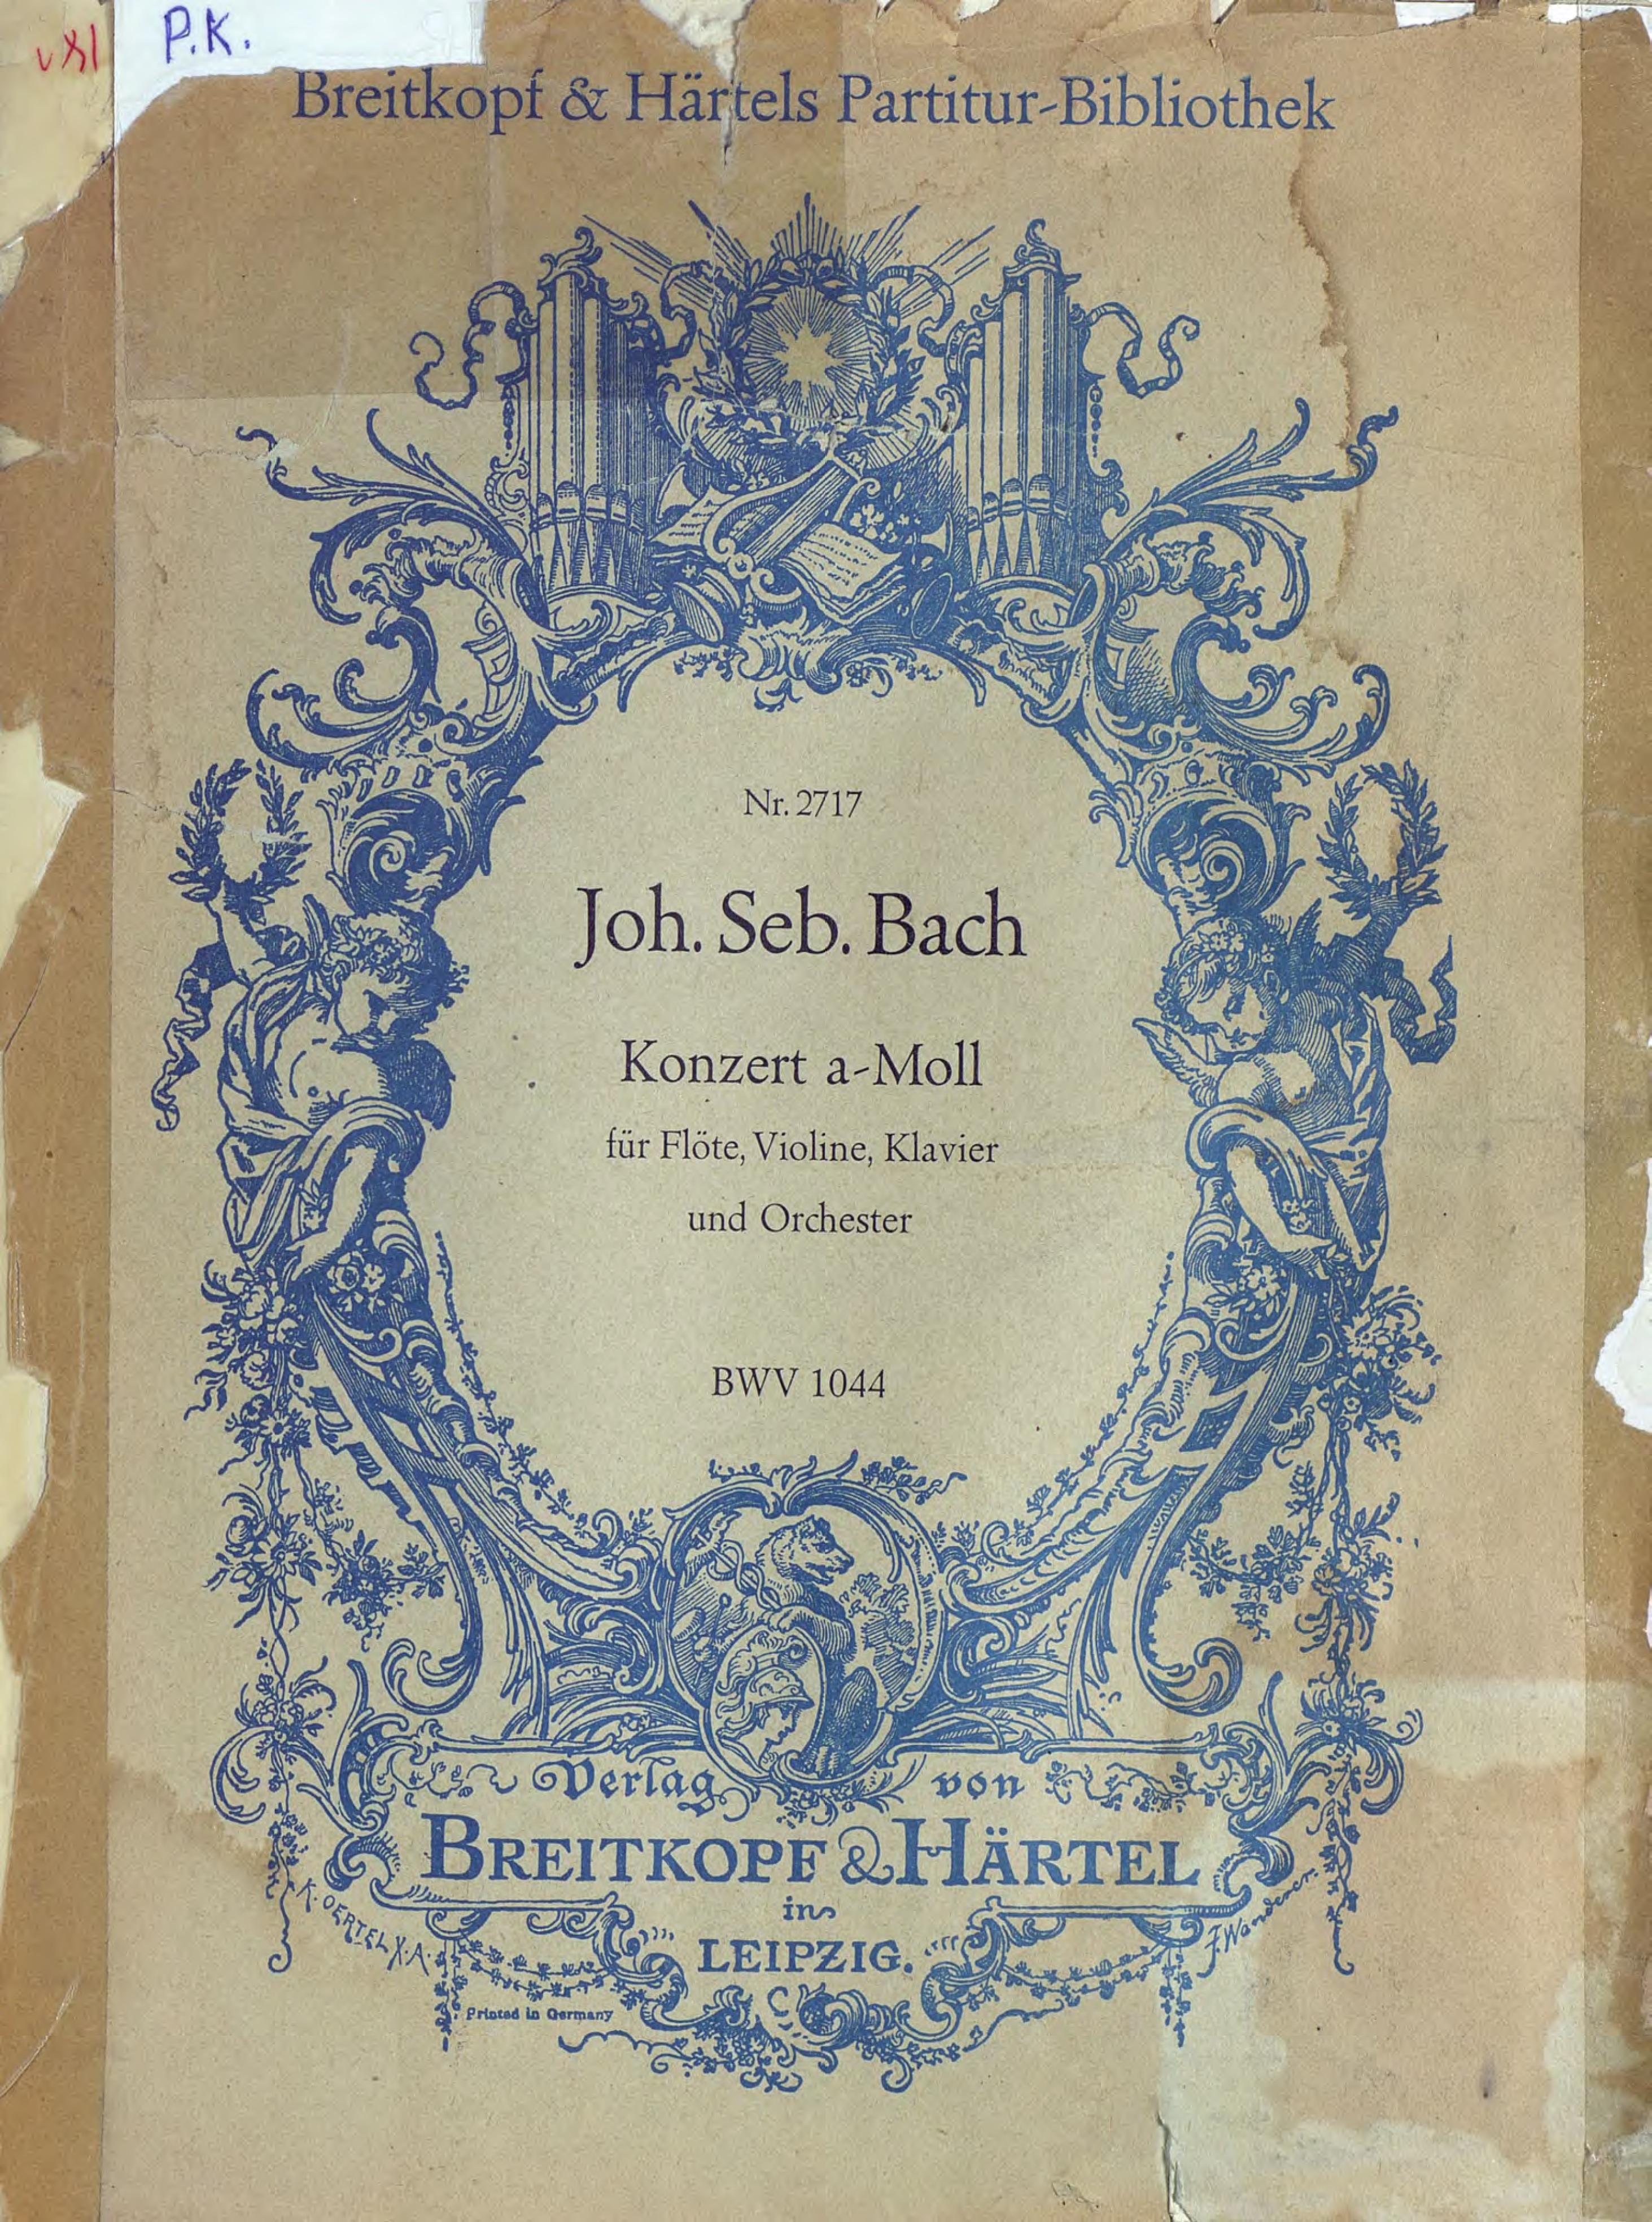 Иоганн Себастьян Бах Konzert a-Moll fur Flote, Violine, Klavier und Orchester t aulin kleine suite fur violine und pianoforte